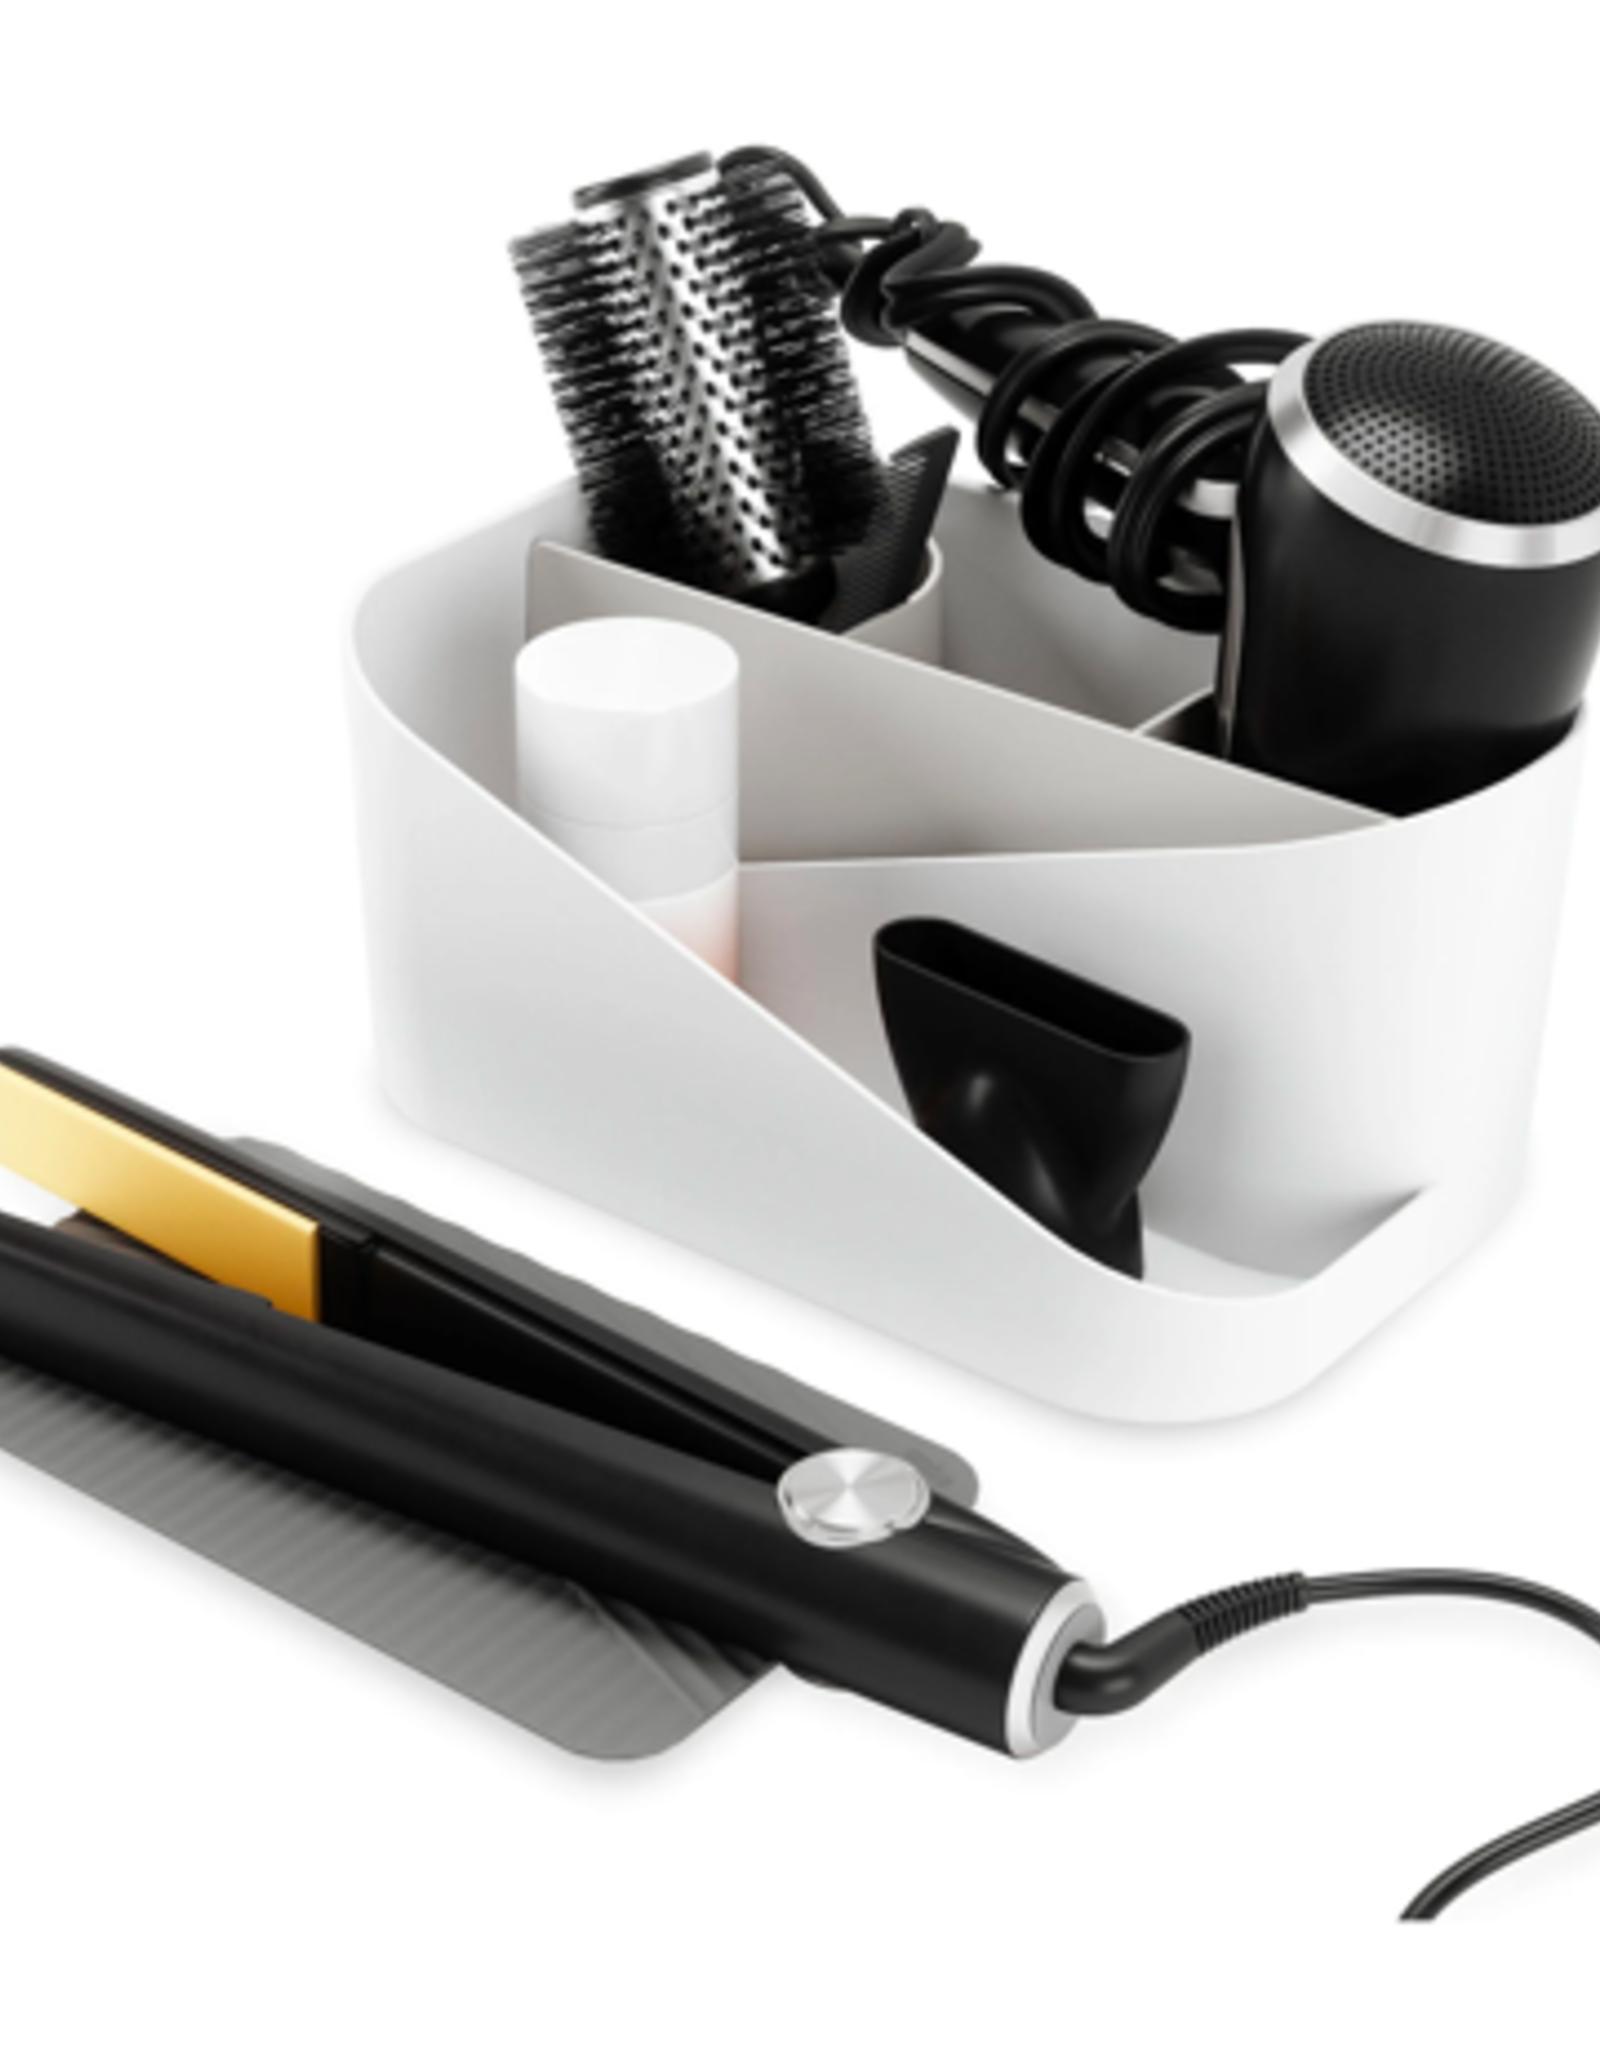 Umbra Umbra - glam hair tool organiser - White